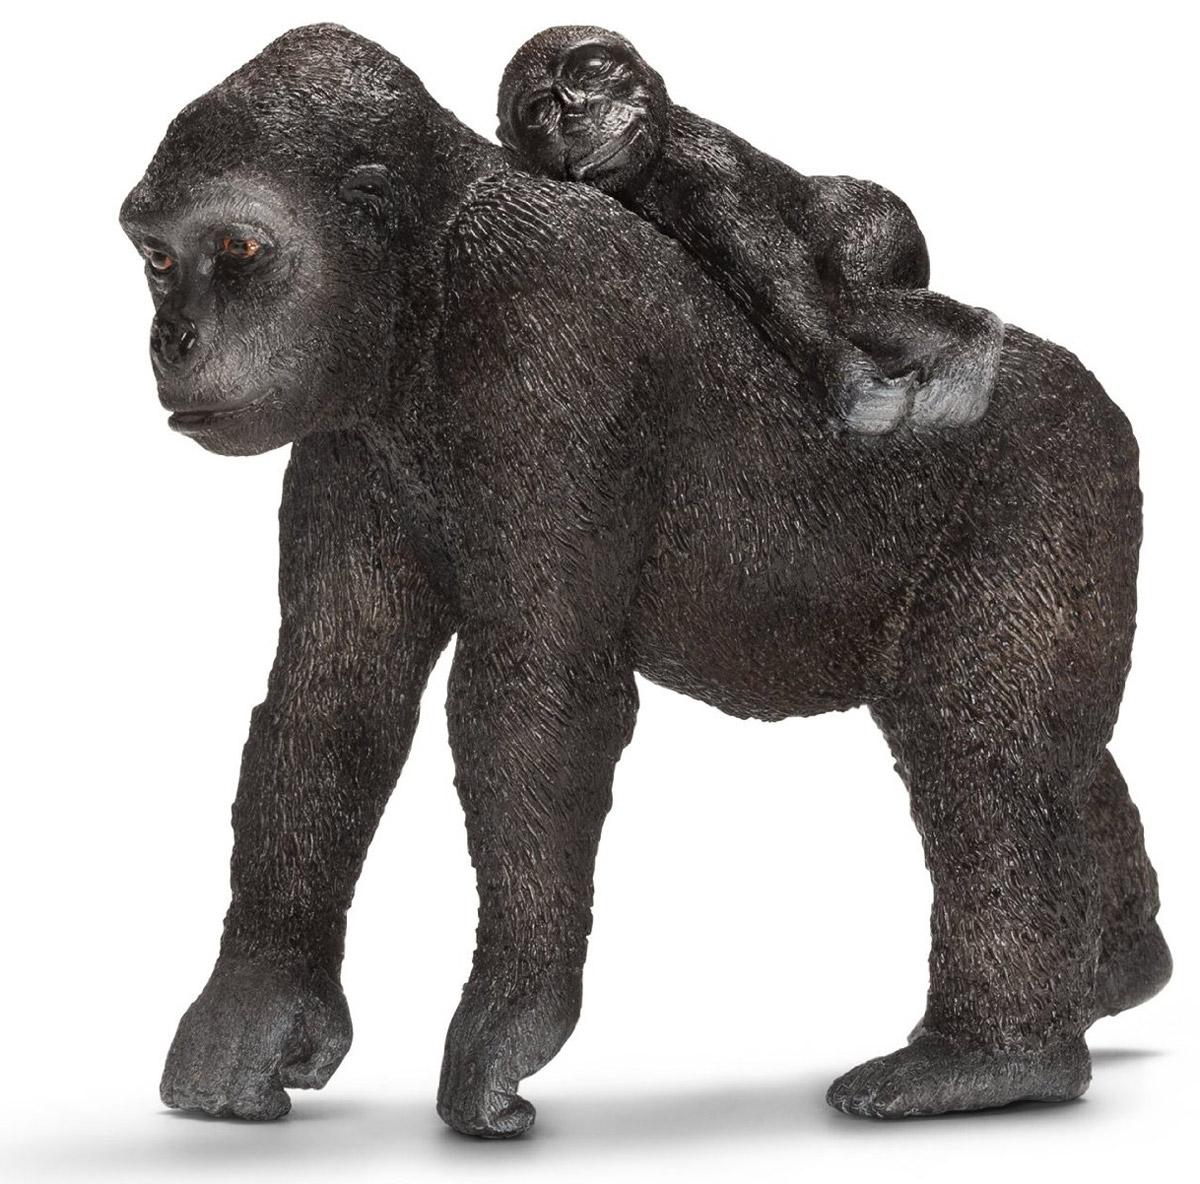 Schleich Фигурка Самка гориллы с детенышем14662Африка - континент больших табунов, опасных хищников, серых великанов и невообразимого разнообразия видов. Гориллы - самые крупные представители семейства приматов. Несмотря на довольно устрашающий внешний вид, острые клыки и мускулистое тело, гориллы питаются исключительно растениями. Фигурки Schleich выполнены из безопасного для здоровья детей каучукового пластика с максимальной точностью, каждая фигурка раскрашивается вручную. Реалистичные фигурки детально точно воспроизводят настоящих животных, обитателей различных стран. Ребенок сможет изучать особенности их строения, поведения и питания. Фигурки Schleich - превосходный педагогический материал для использования дома и в образовательных учреждениях.